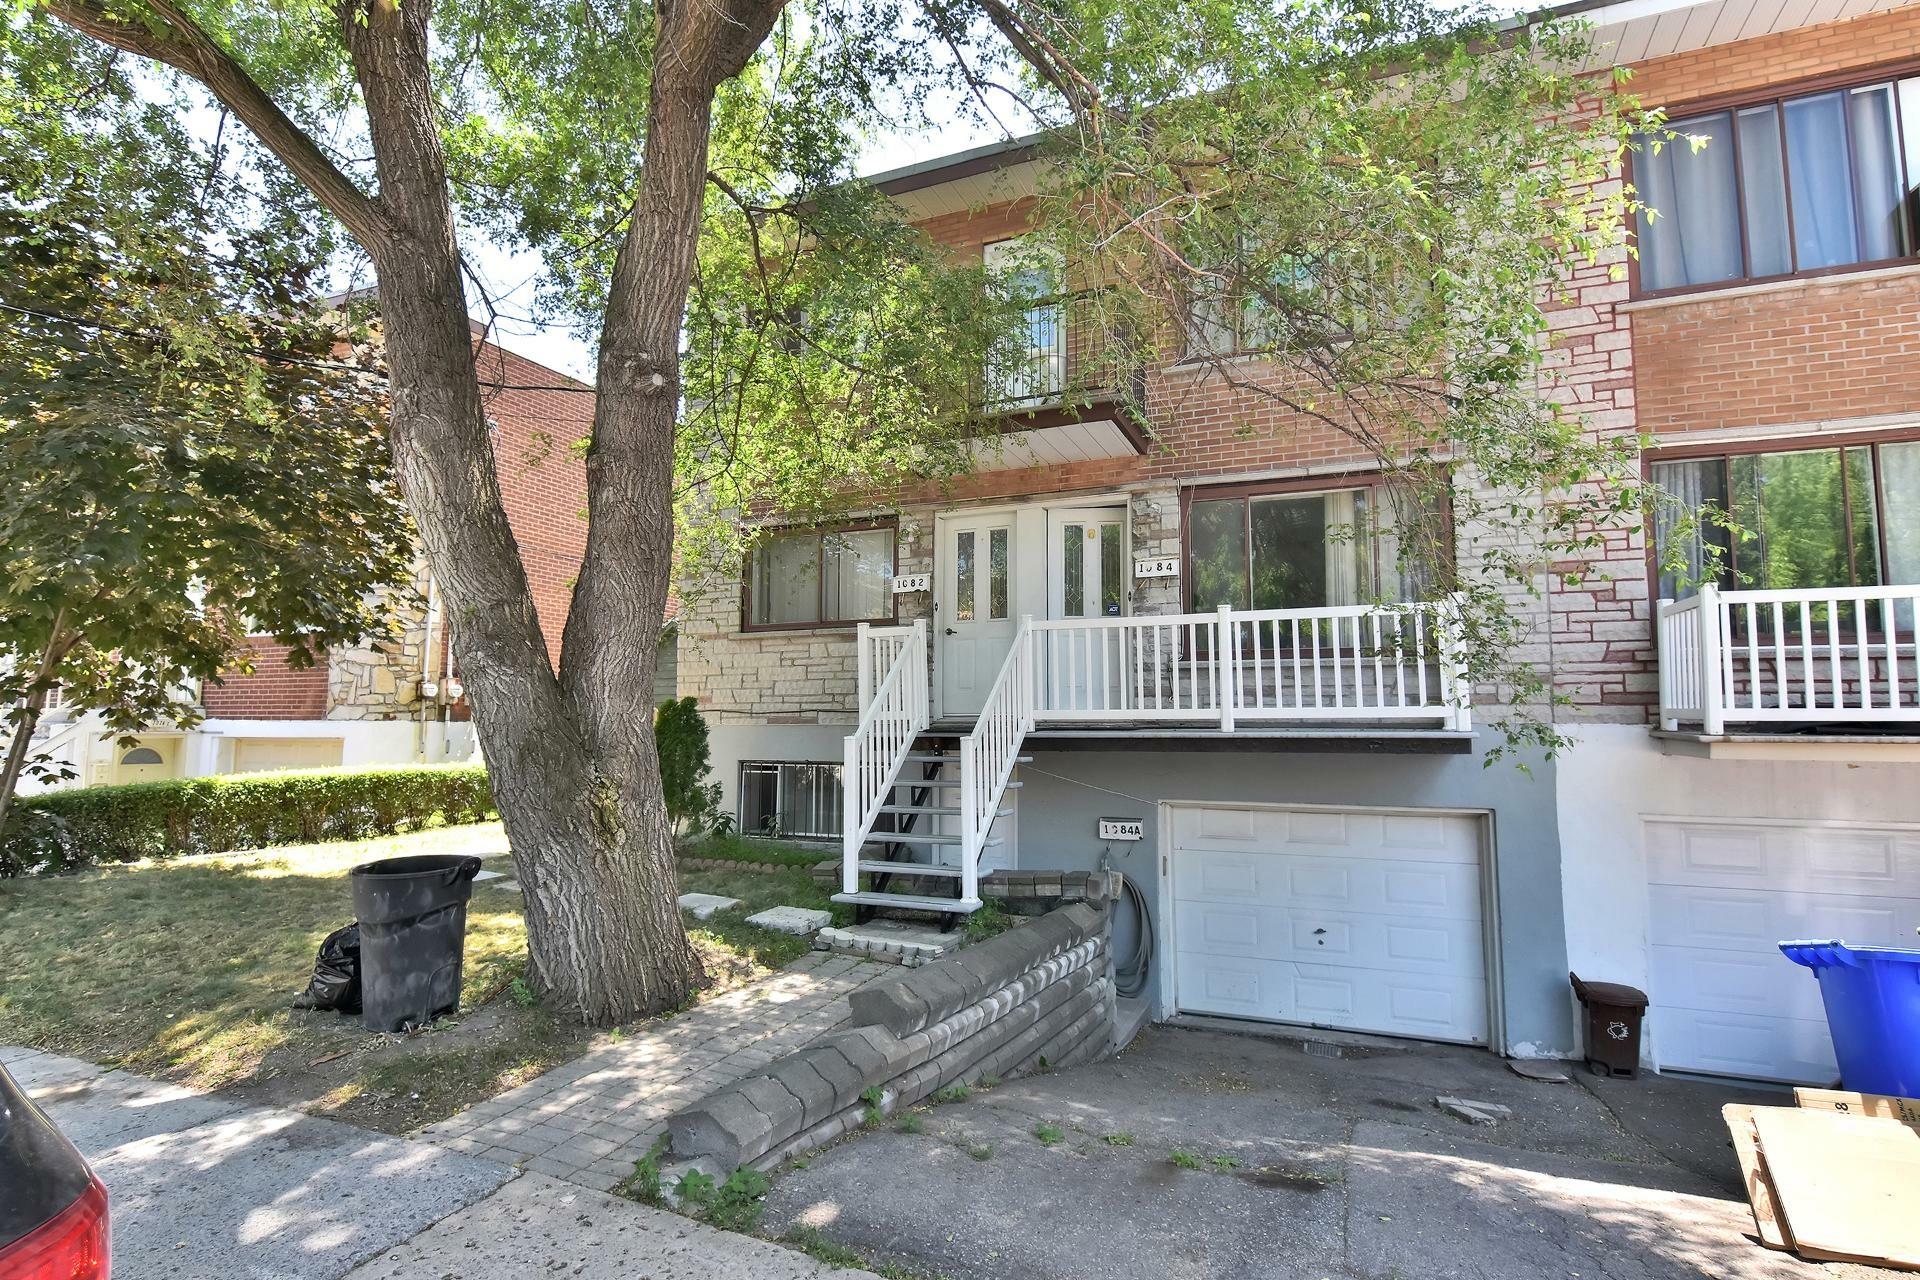 image 1 - Duplex For sale Rivière-des-Prairies/Pointe-aux-Trembles Montréal  - 5 rooms